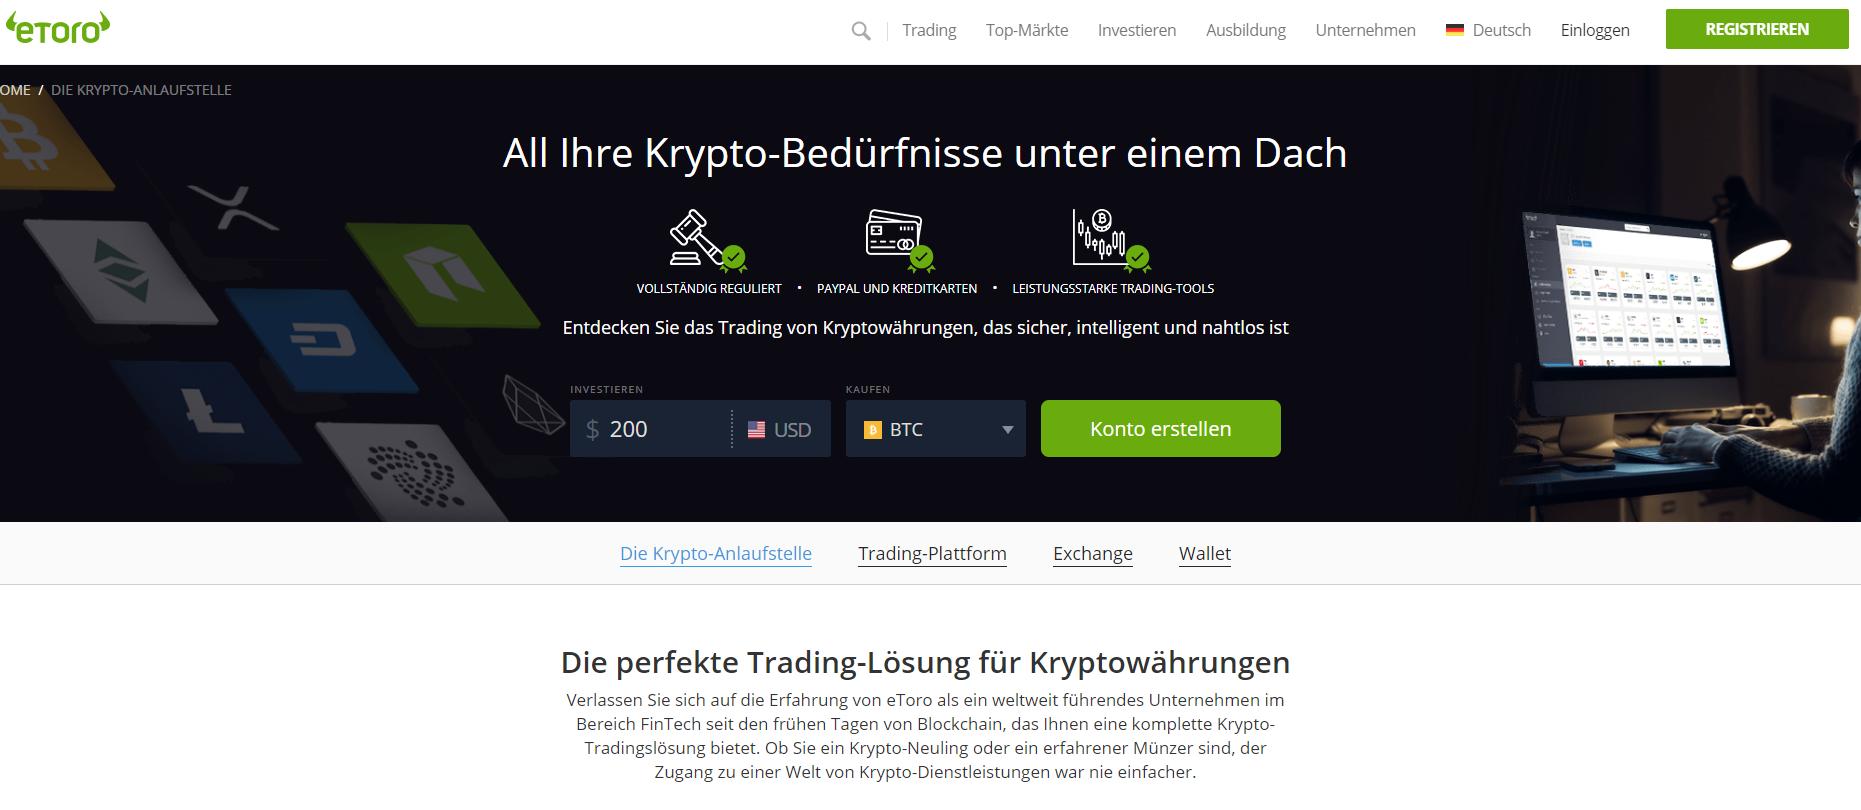 interaktív brókerek kereskedelem bitcoin futures bitcoin és ripple